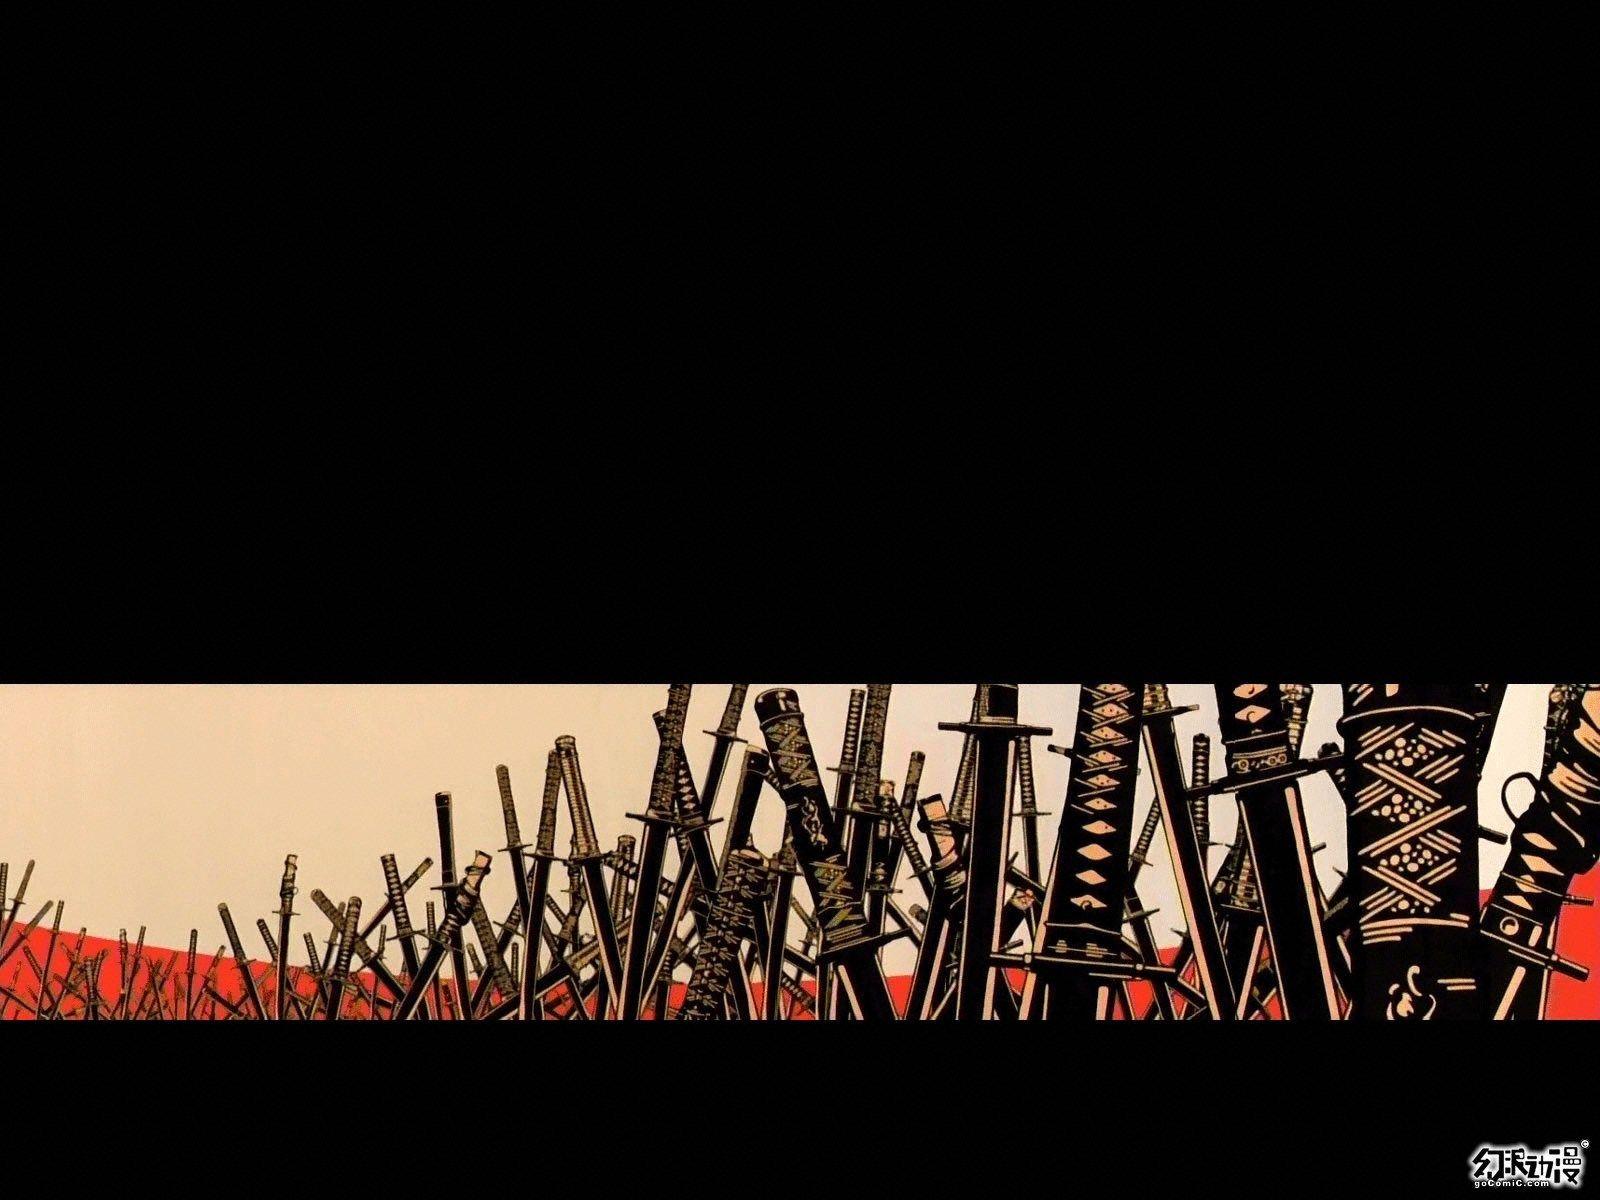 widescreen wallpaper samurai champloo | likeagod | pinterest | hd